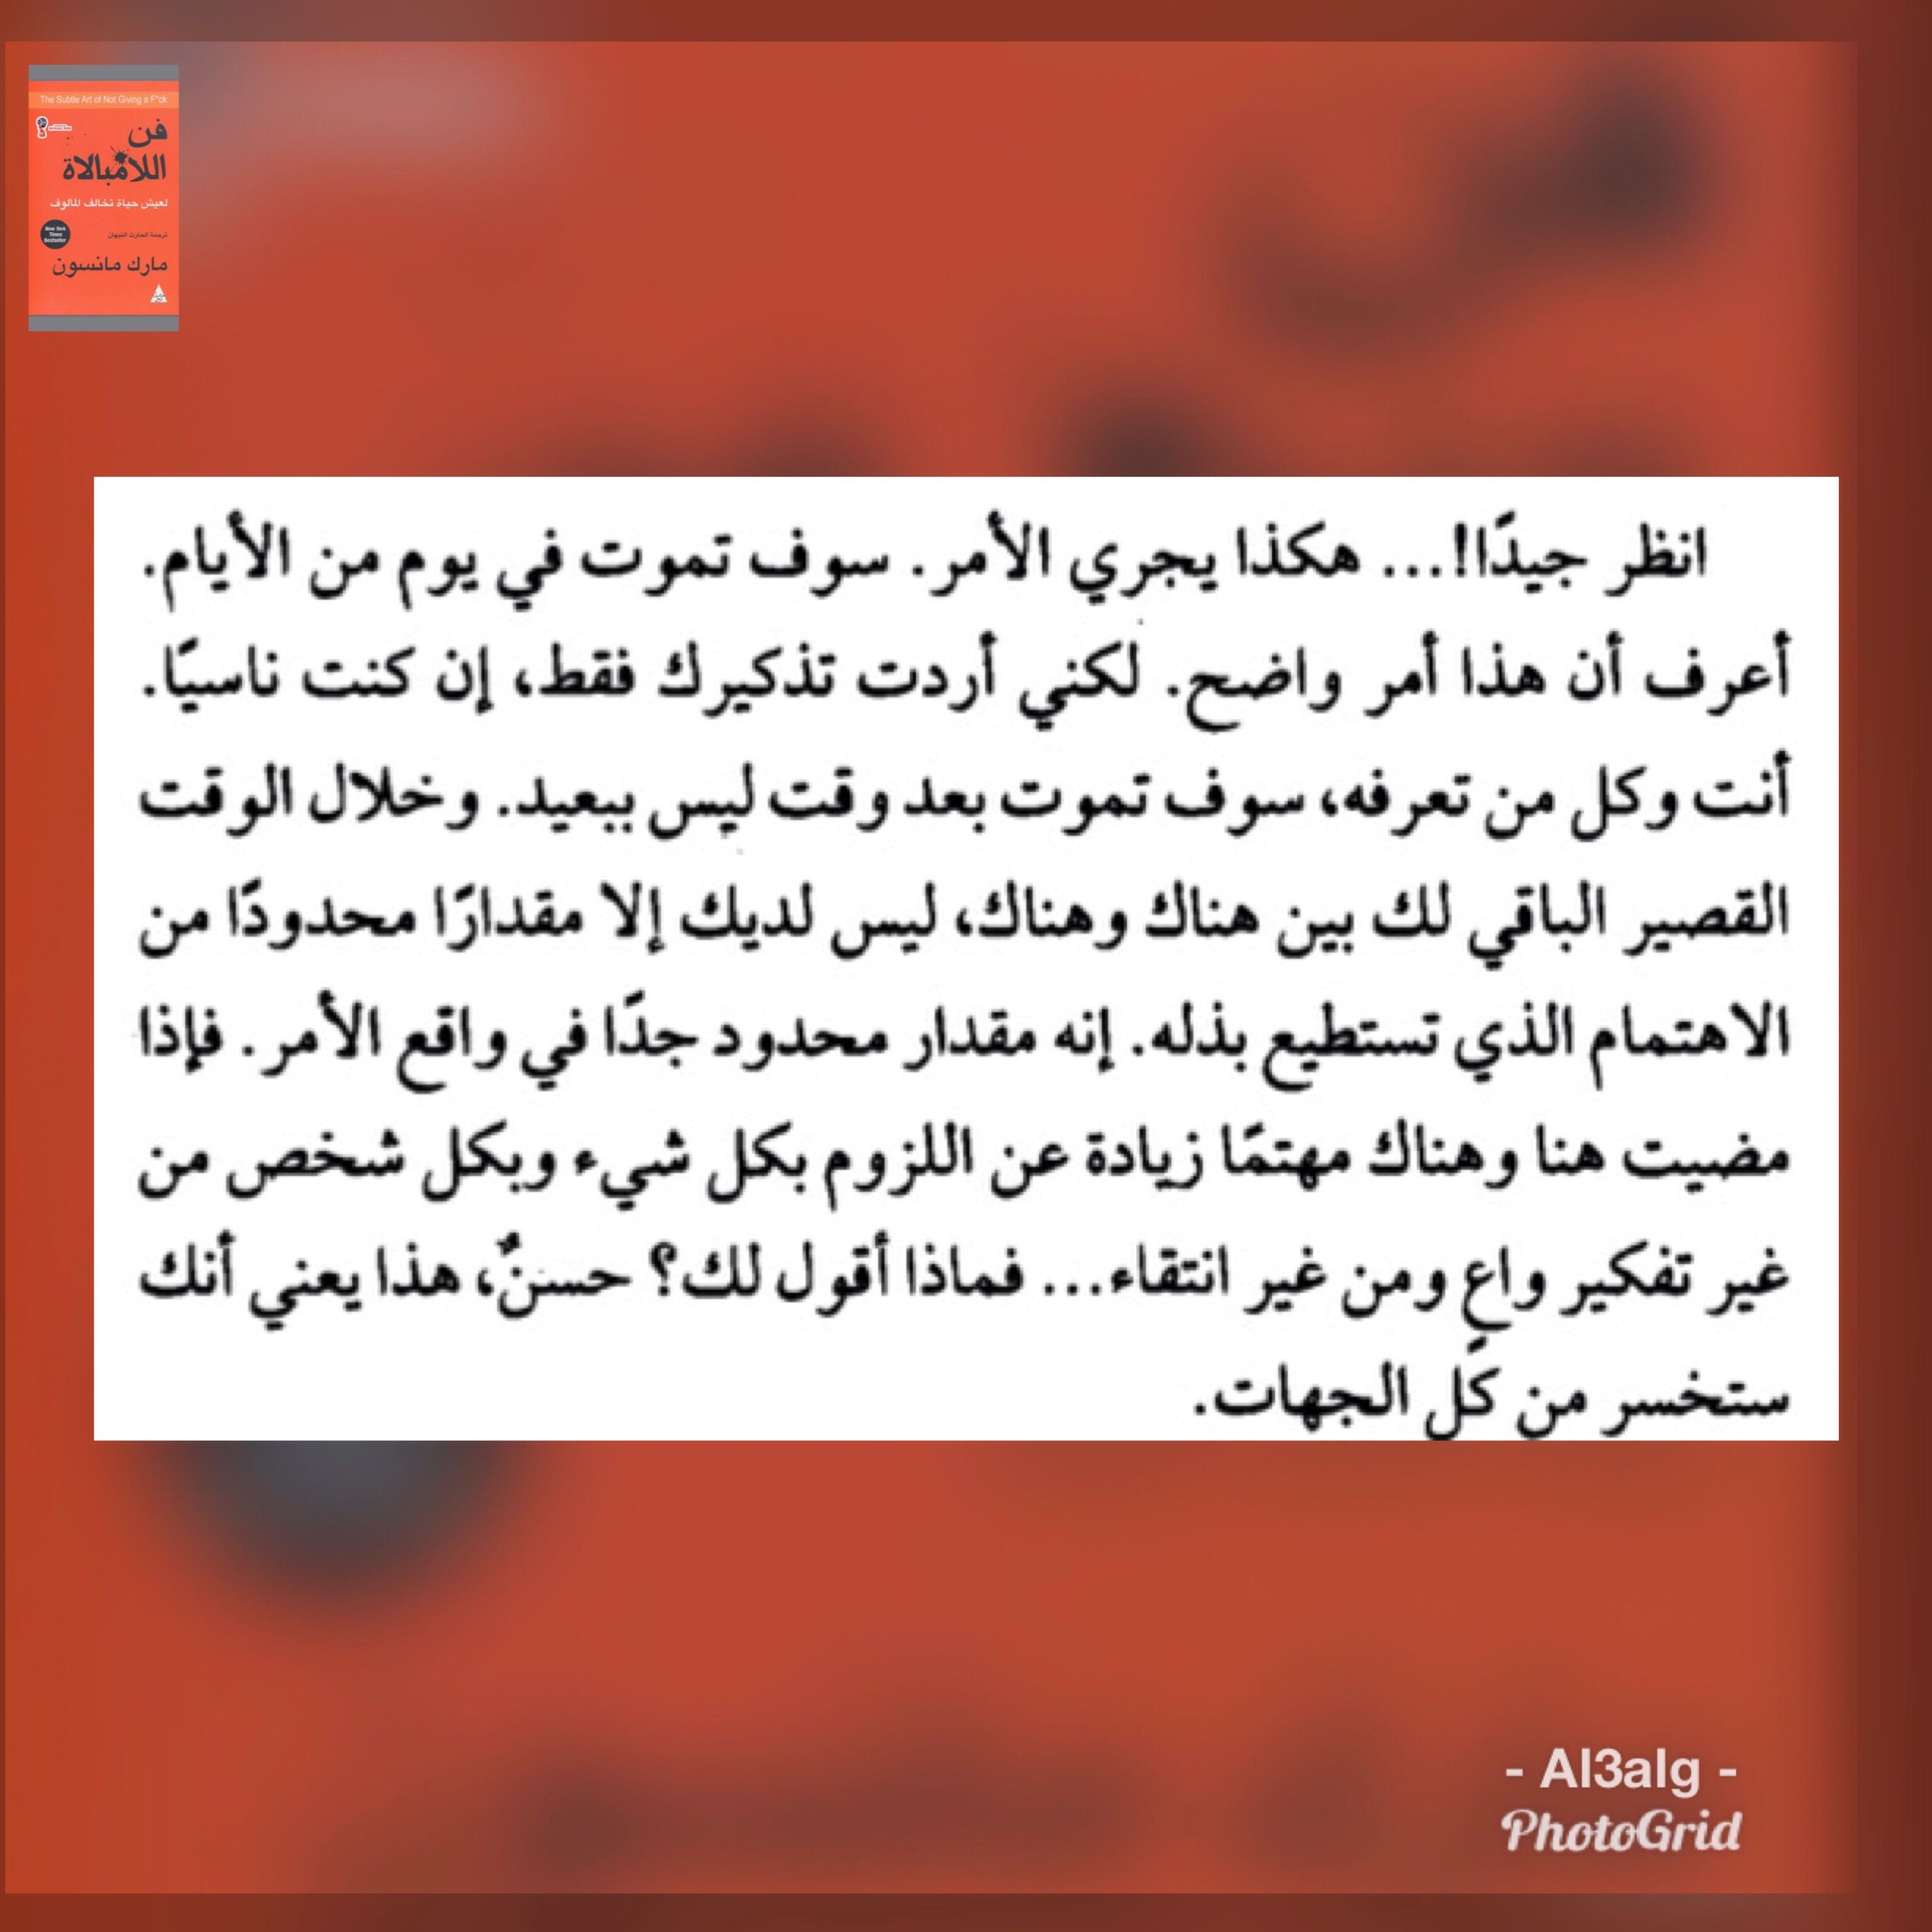 إذا تنافر ود القلوب من أقوال علي بن ابي طالب عالم الأدب Words Quotes Circle Quotes Pretty Quotes